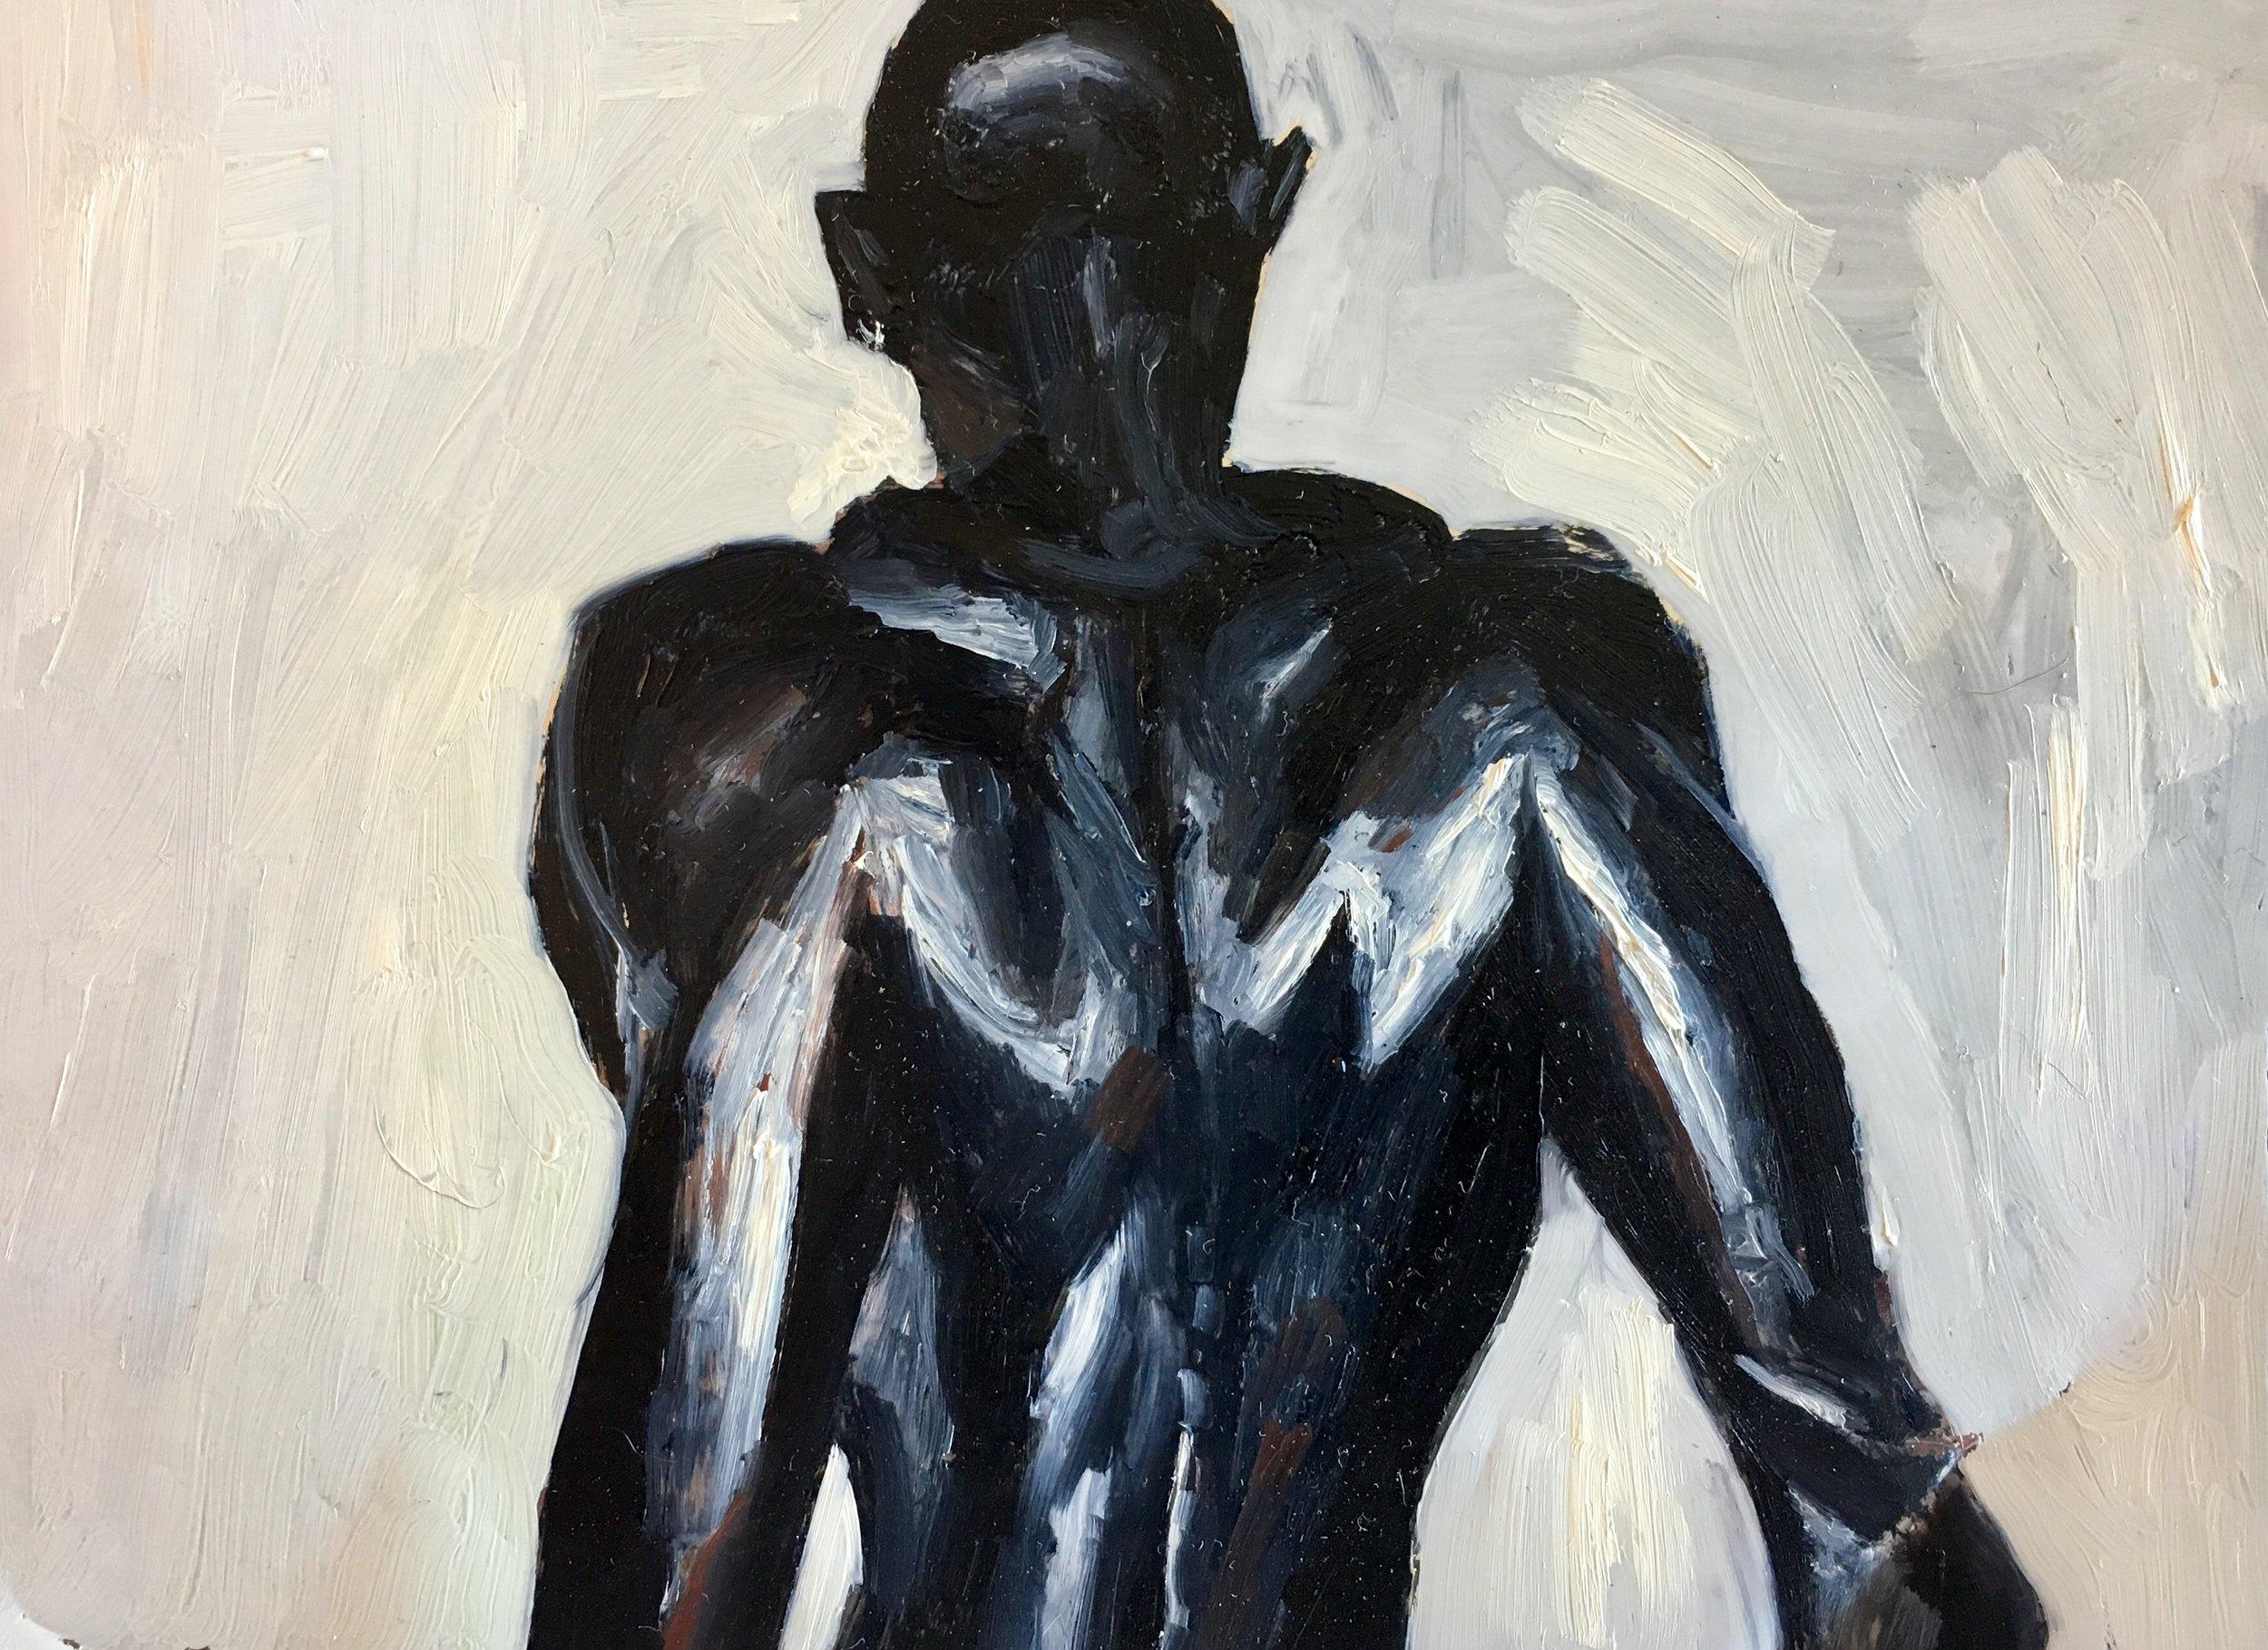 """""""Raven Wings"""" by Adam Chuck, 5.5x7.25in, oil on mylar"""